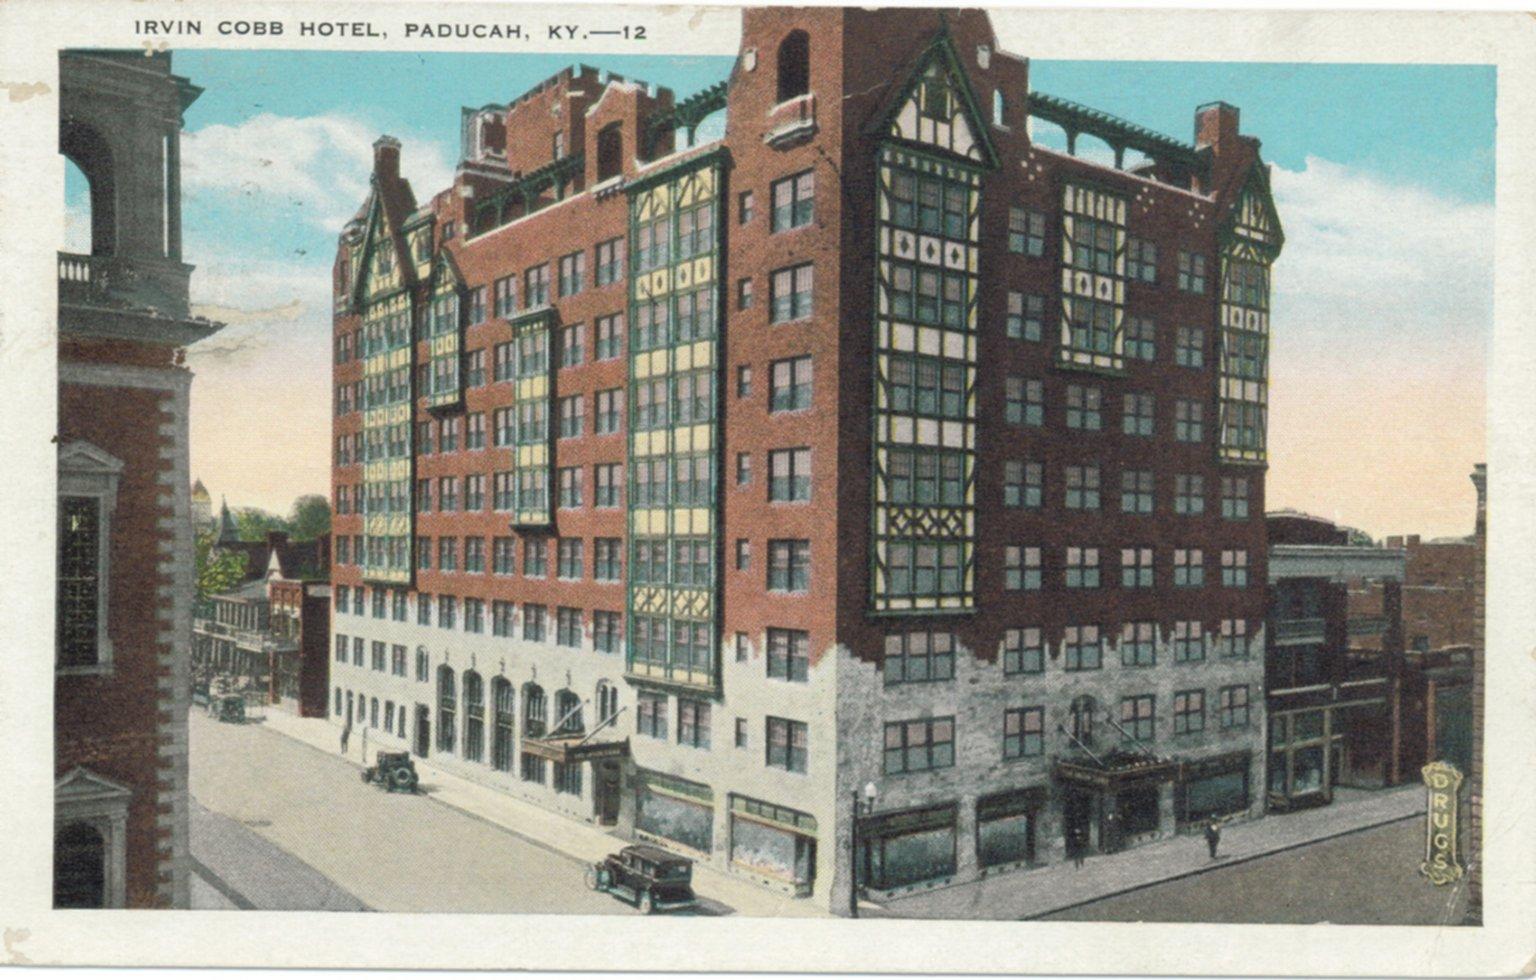 Irvin Cobb Hotel, Paducah, KY,-12